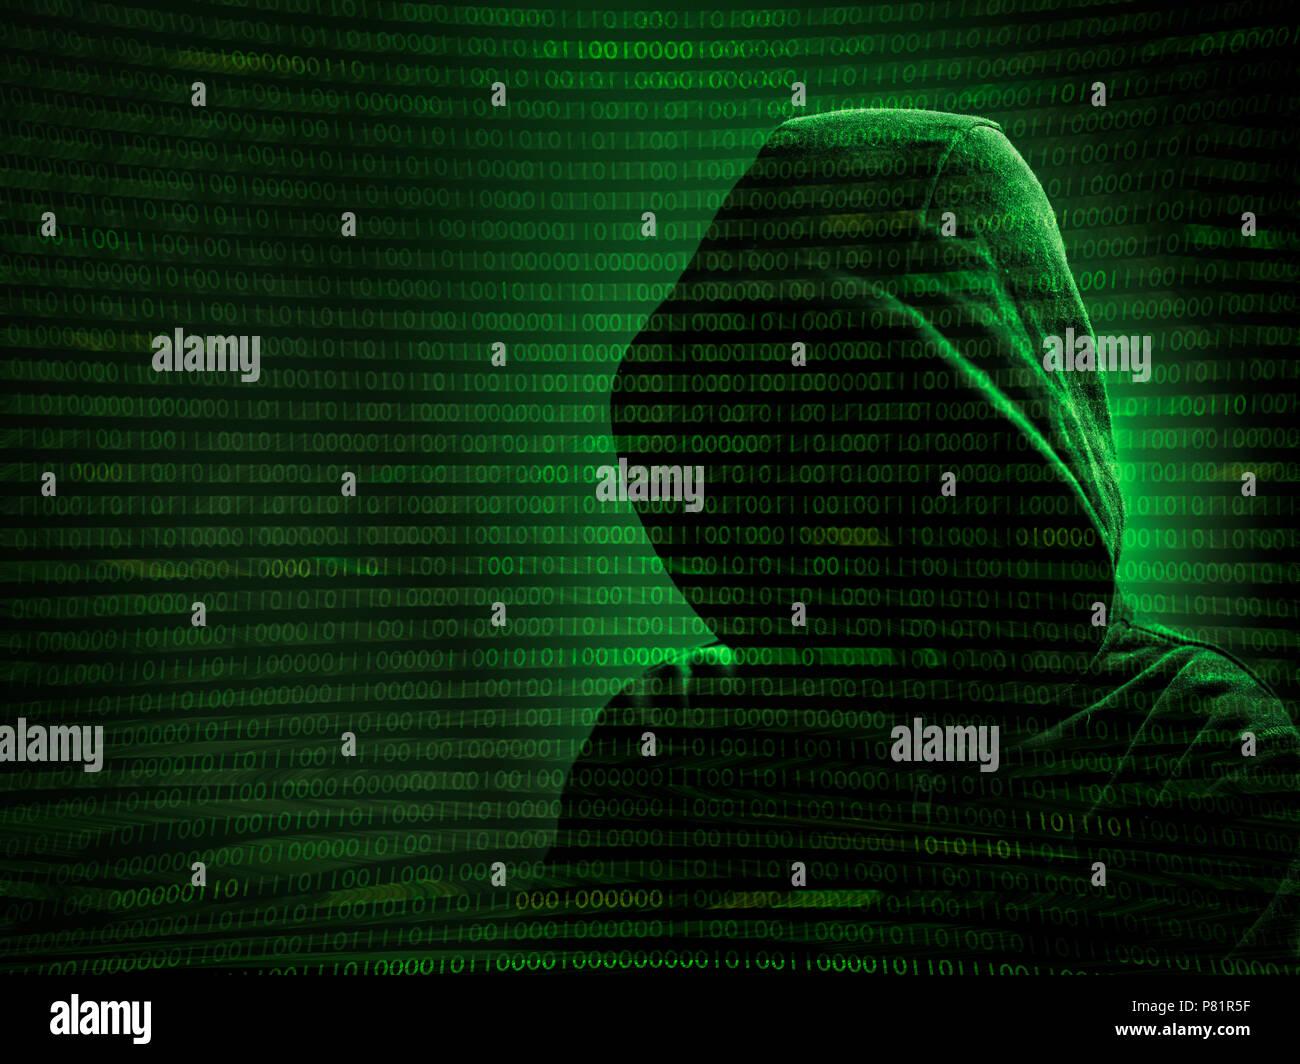 Codice vulnerabile hacking Immagini Stock